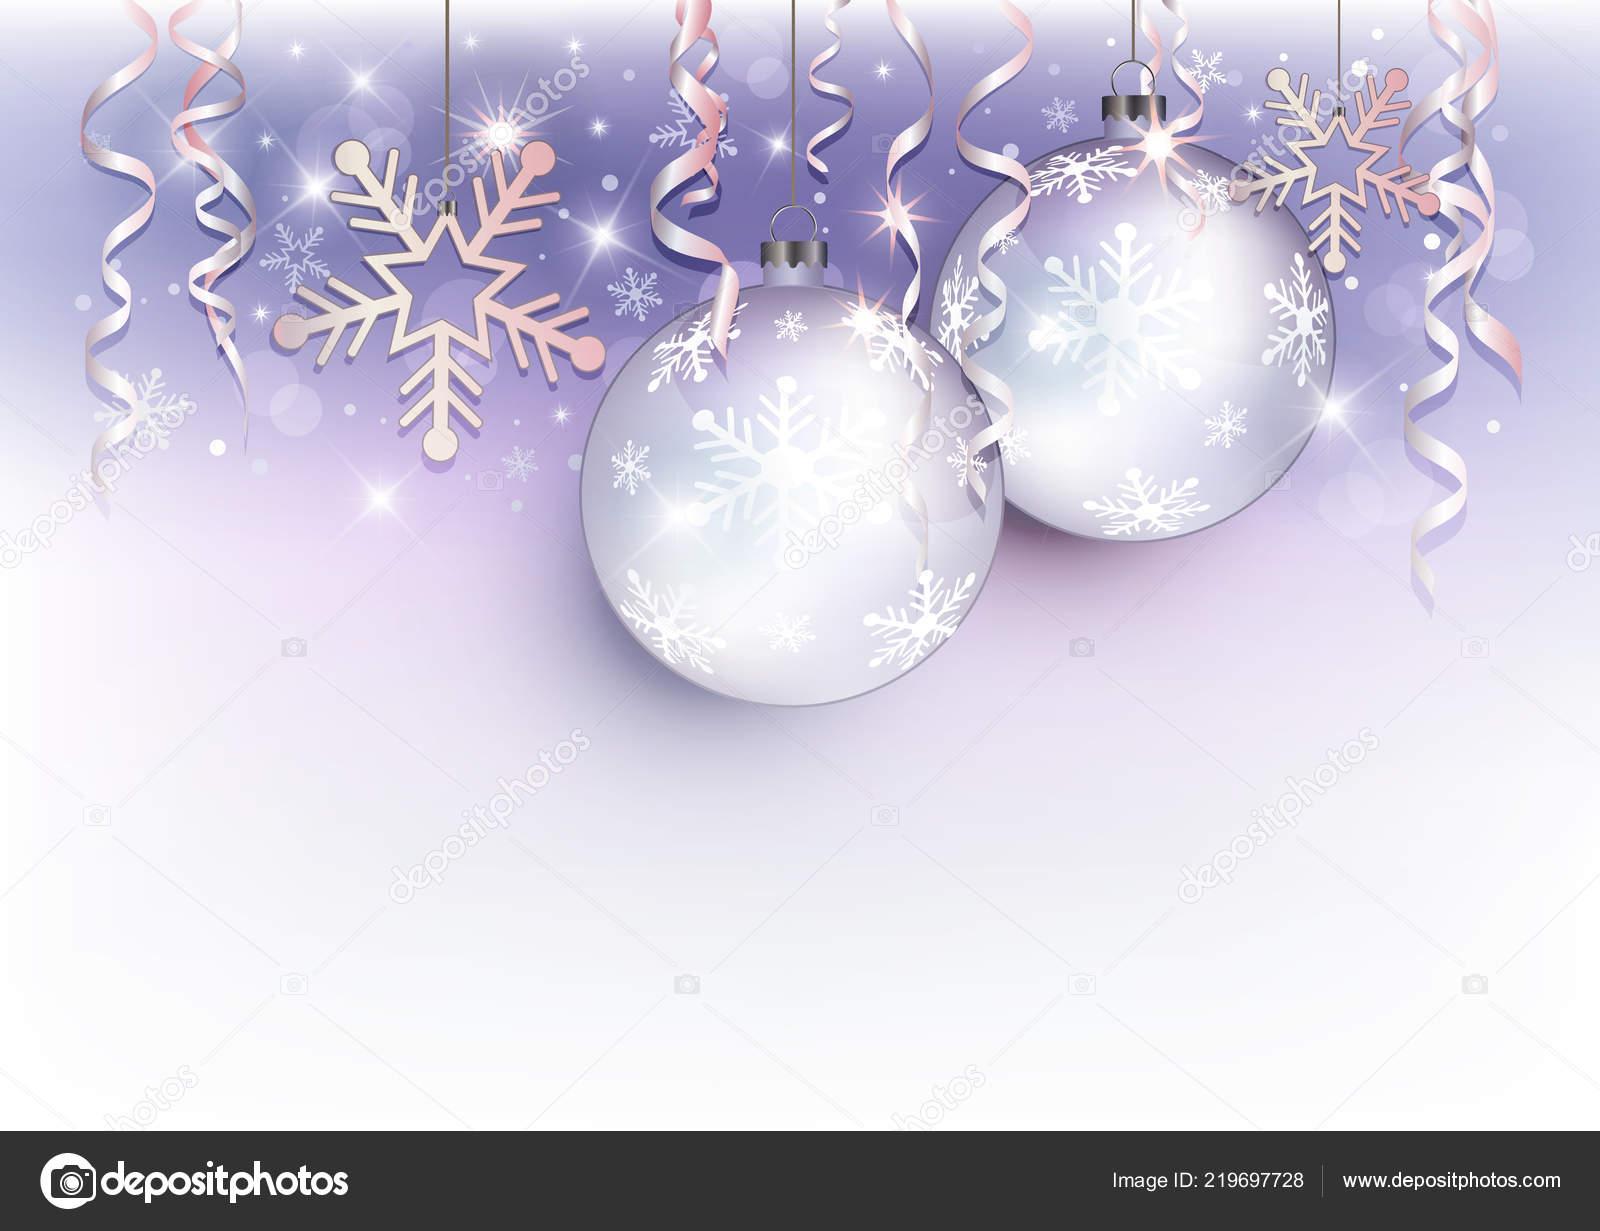 Weihnachtskugeln Weiß Silber.Weihnachtskugeln Und Snow Flake Hintergrund Violett Weiß Silber